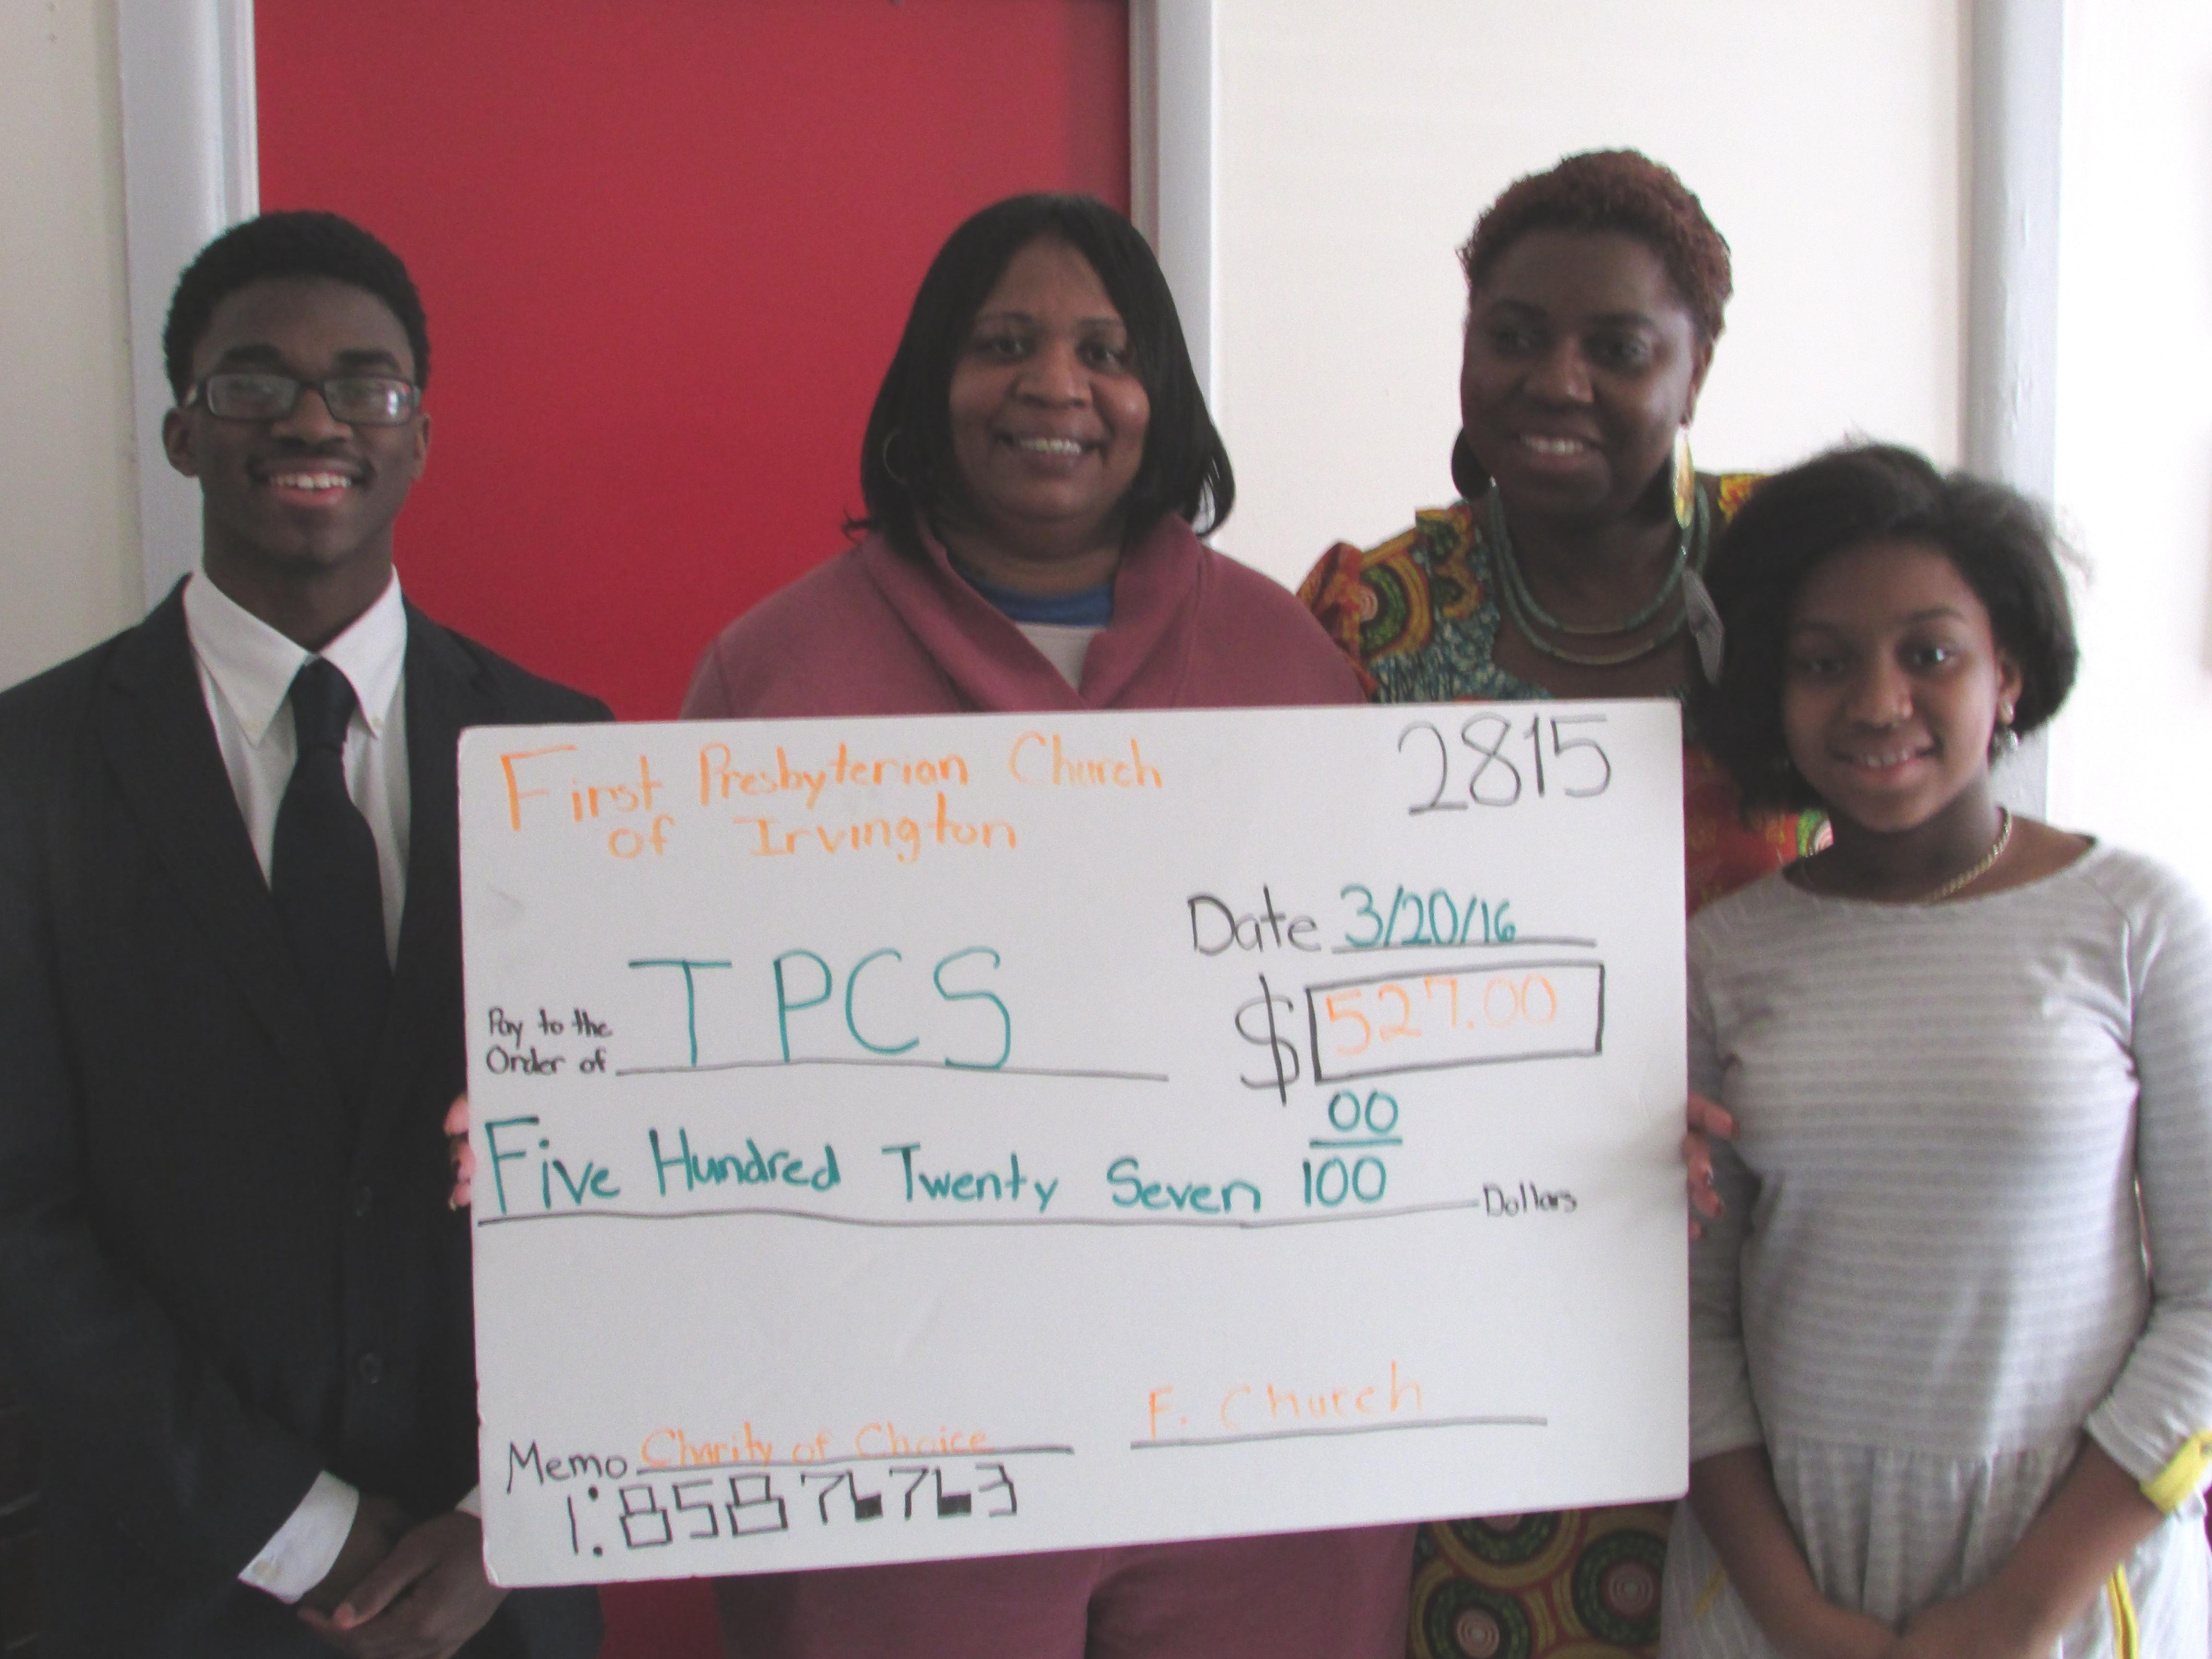 TPCS Check Presentation